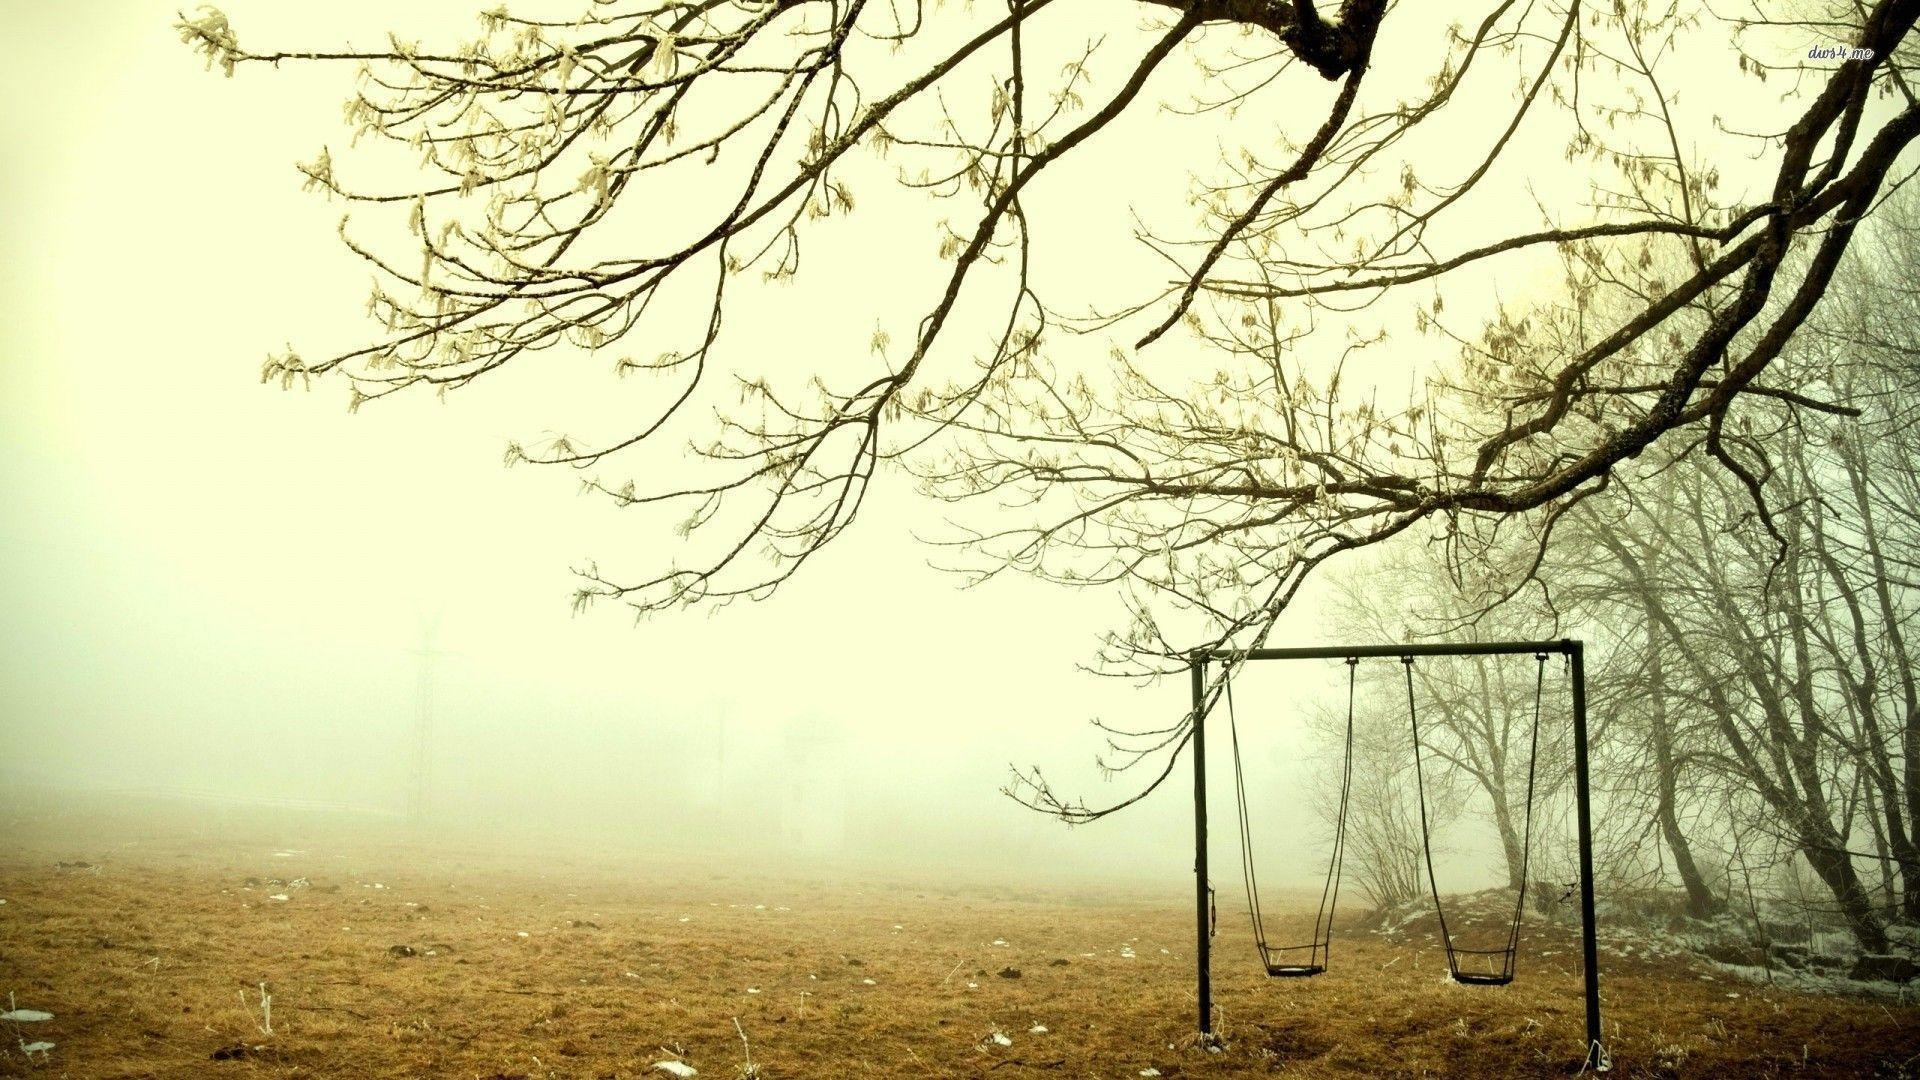 Swing set on a foggy morning wallpaper | Wallpaper Wide HD